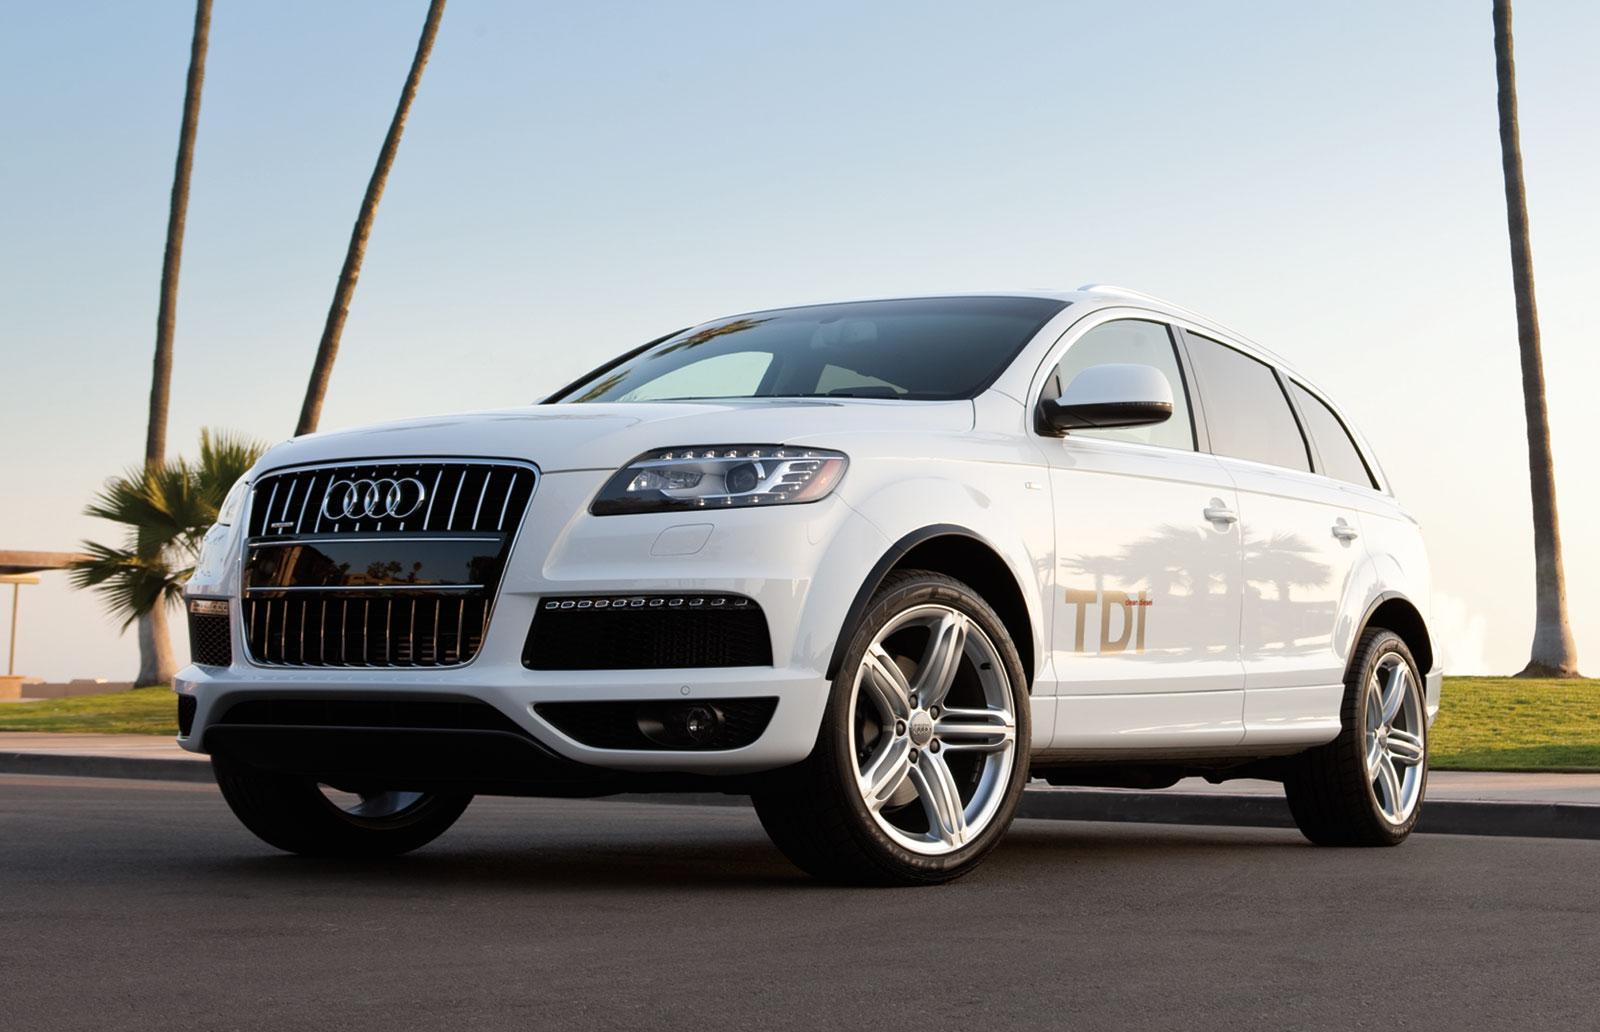 http://3.bp.blogspot.com/-3JshUZi2xK0/T-CgLoKMcyI/AAAAAAAADow/lkvqzu3W2pU/s1600/Audi+Q7+3.0+TDI+S+line+hd+Wallpapers+2011_.jpg